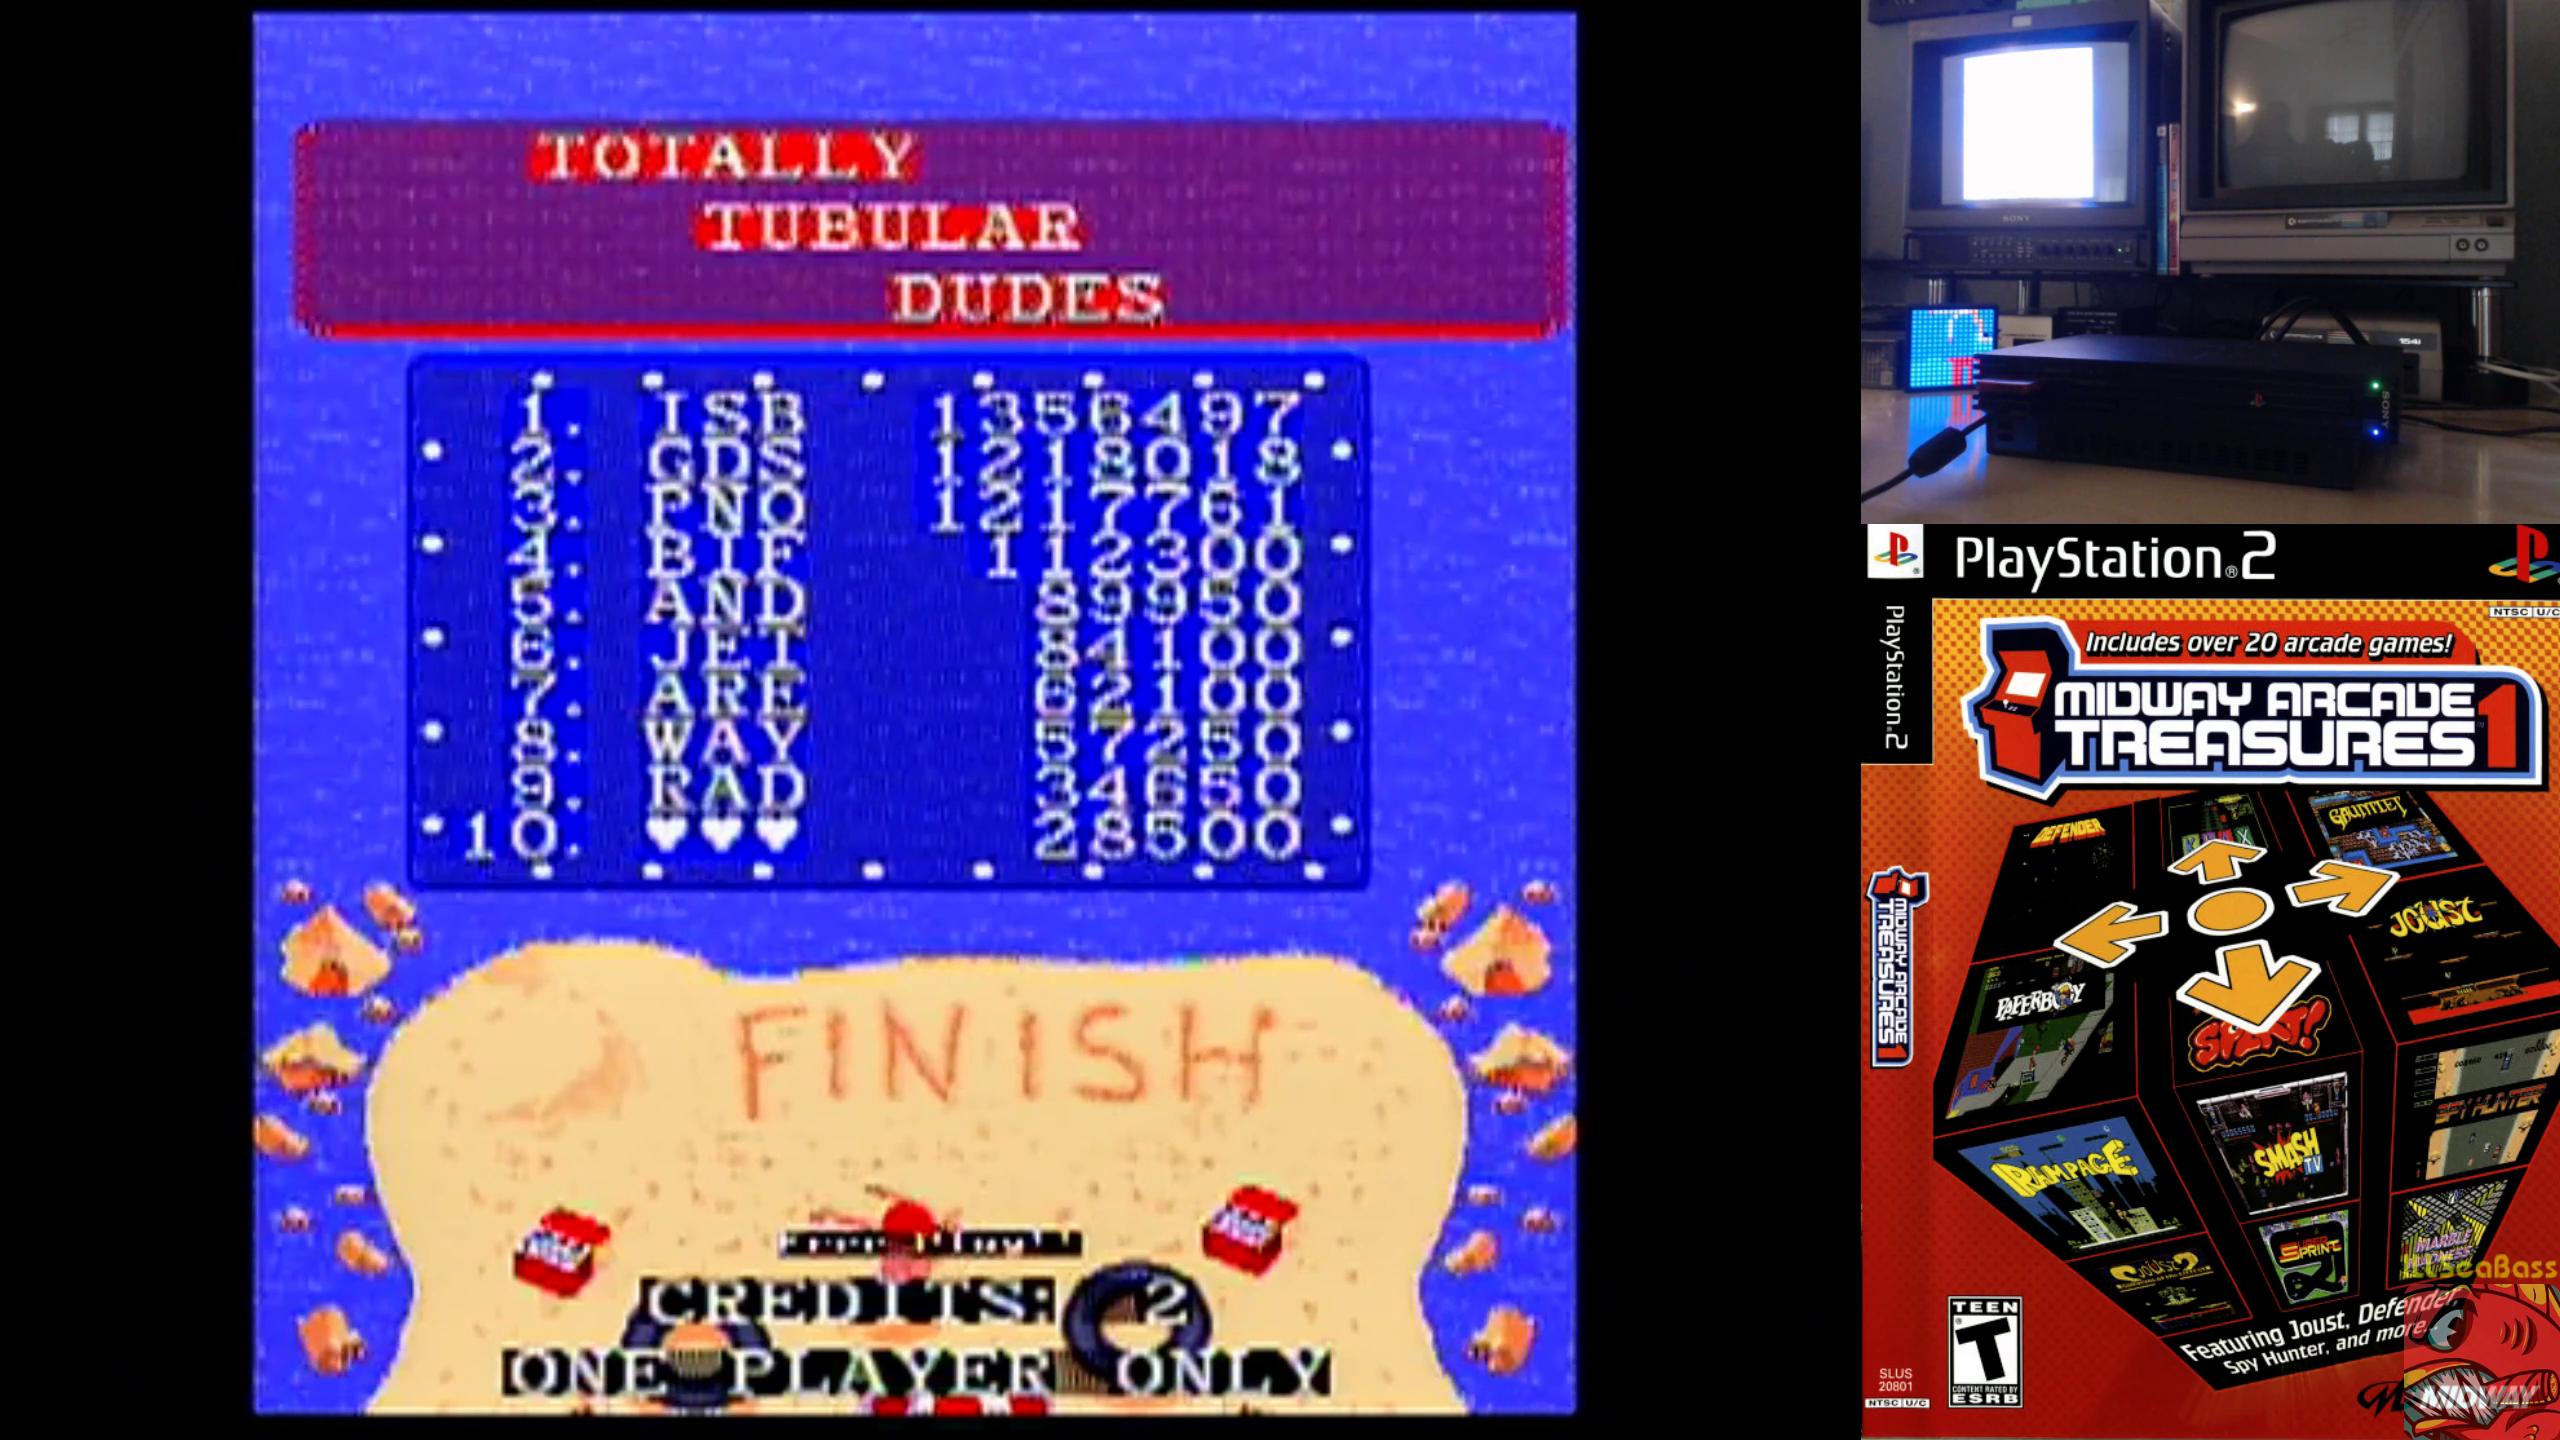 ILLSeaBass: Midway Arcade Treasures: Toobin (Playstation 2) 1,356,497 points on 2019-06-17 21:23:03